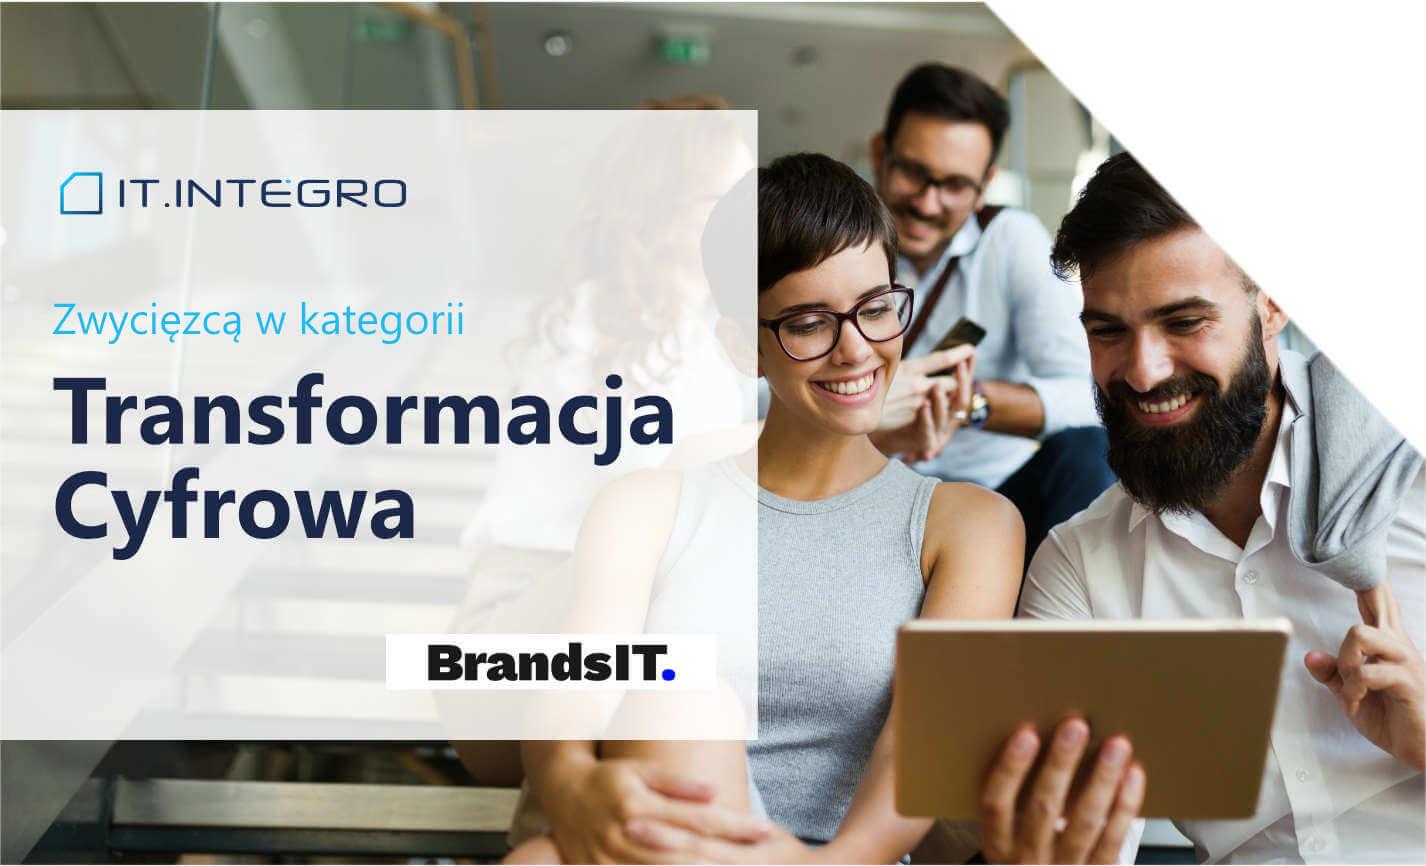 IT.integro zwycięzcą w Plebiscycie BITy 2019